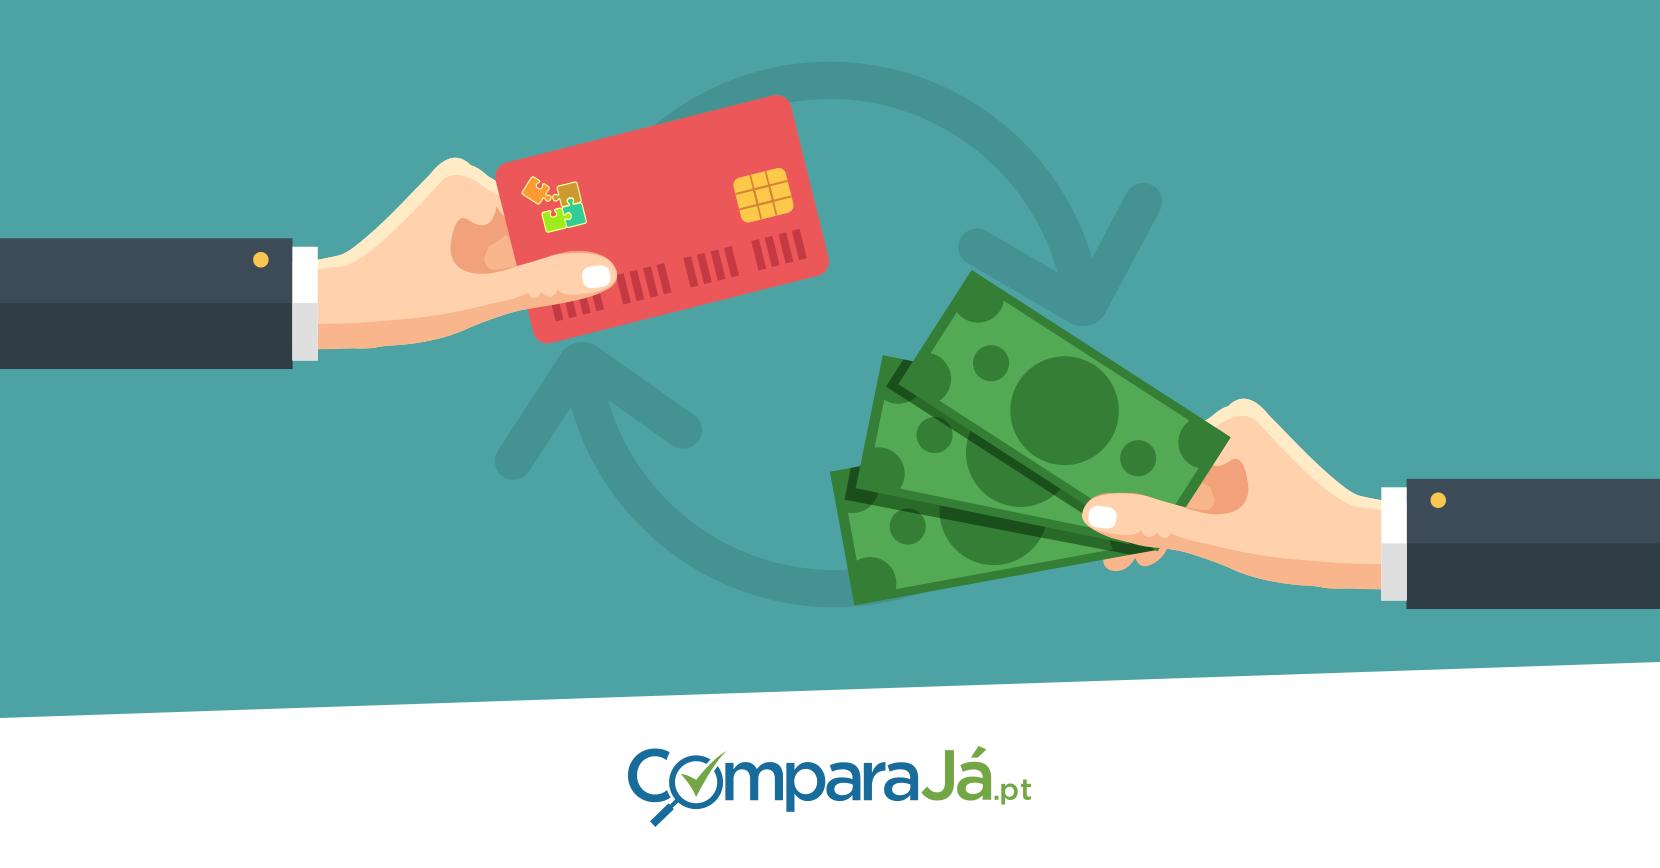 Como Gerir as Finanças com um Cartão de Crédito com Cashback